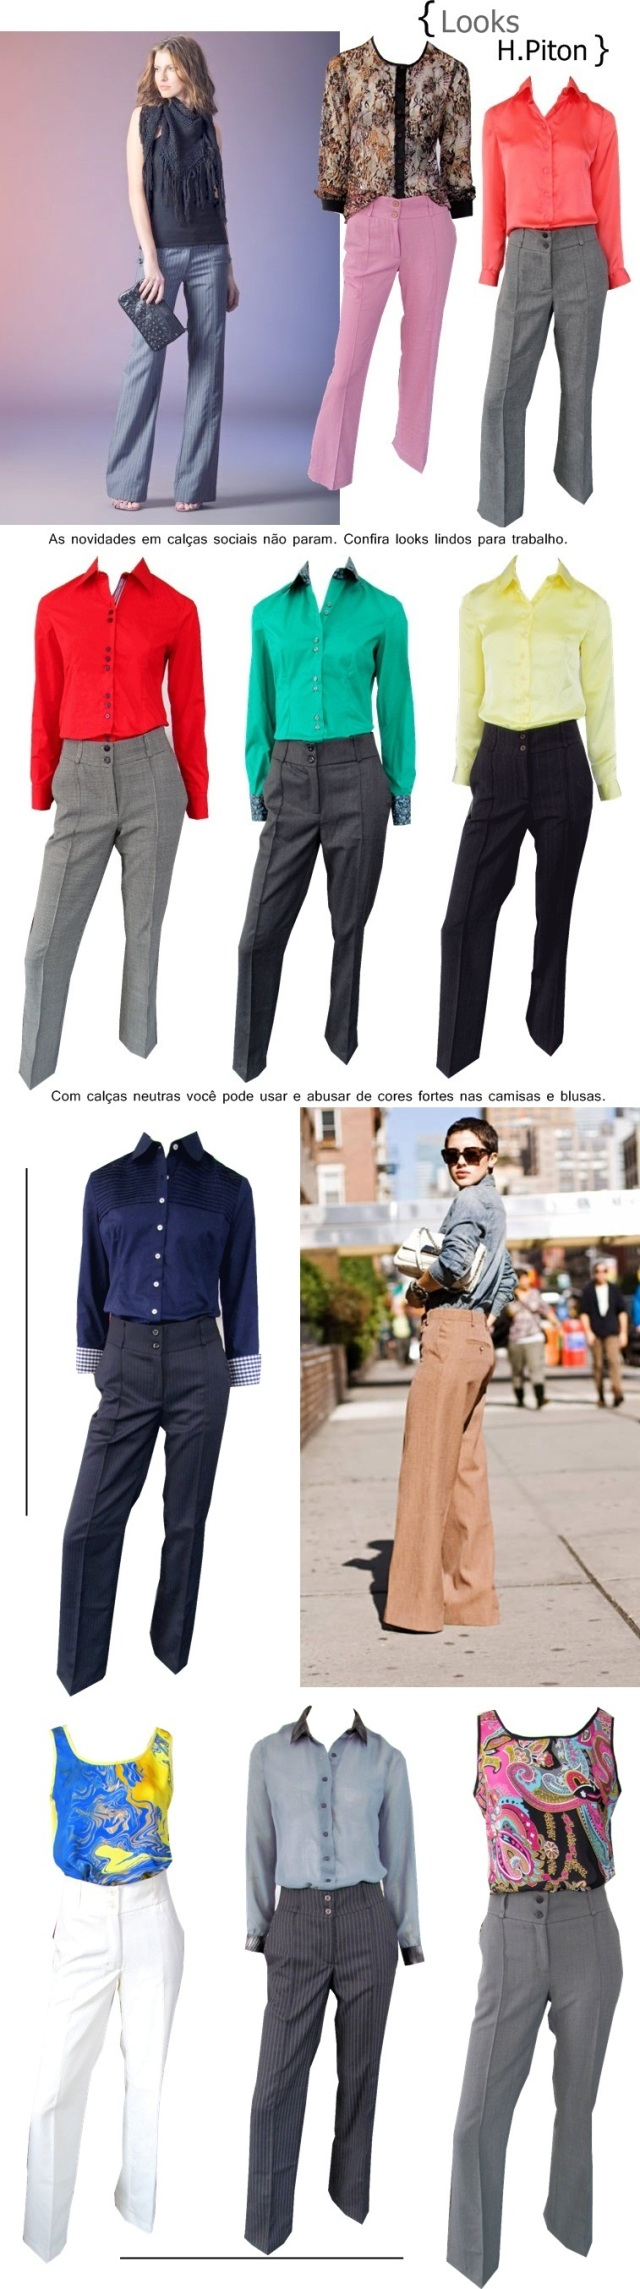 calças sociais